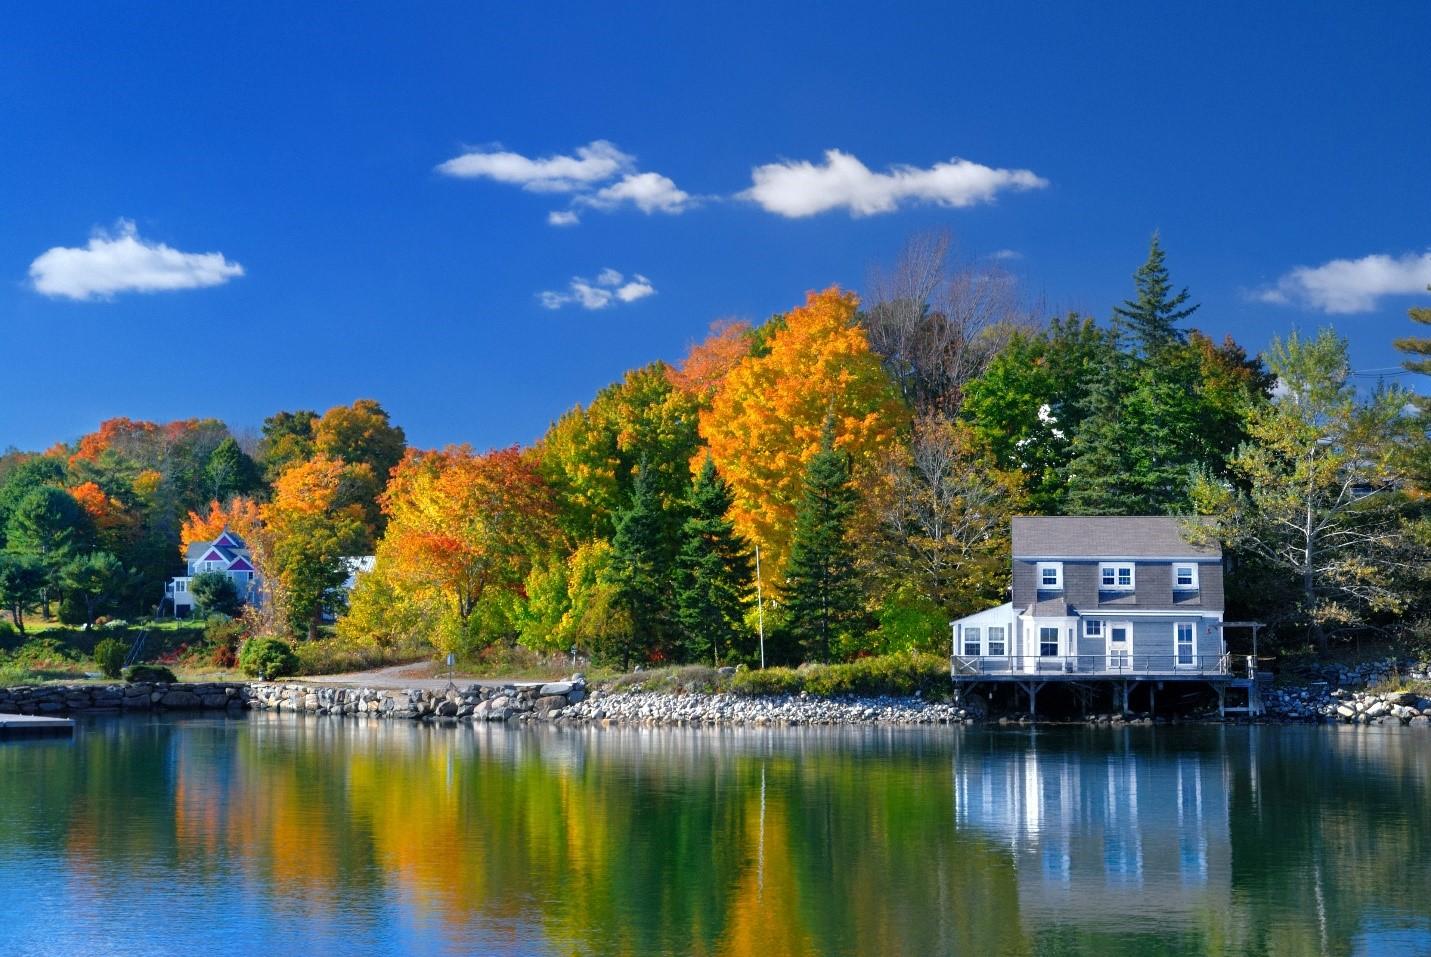 House, Seasonal Property, Trees, Lake